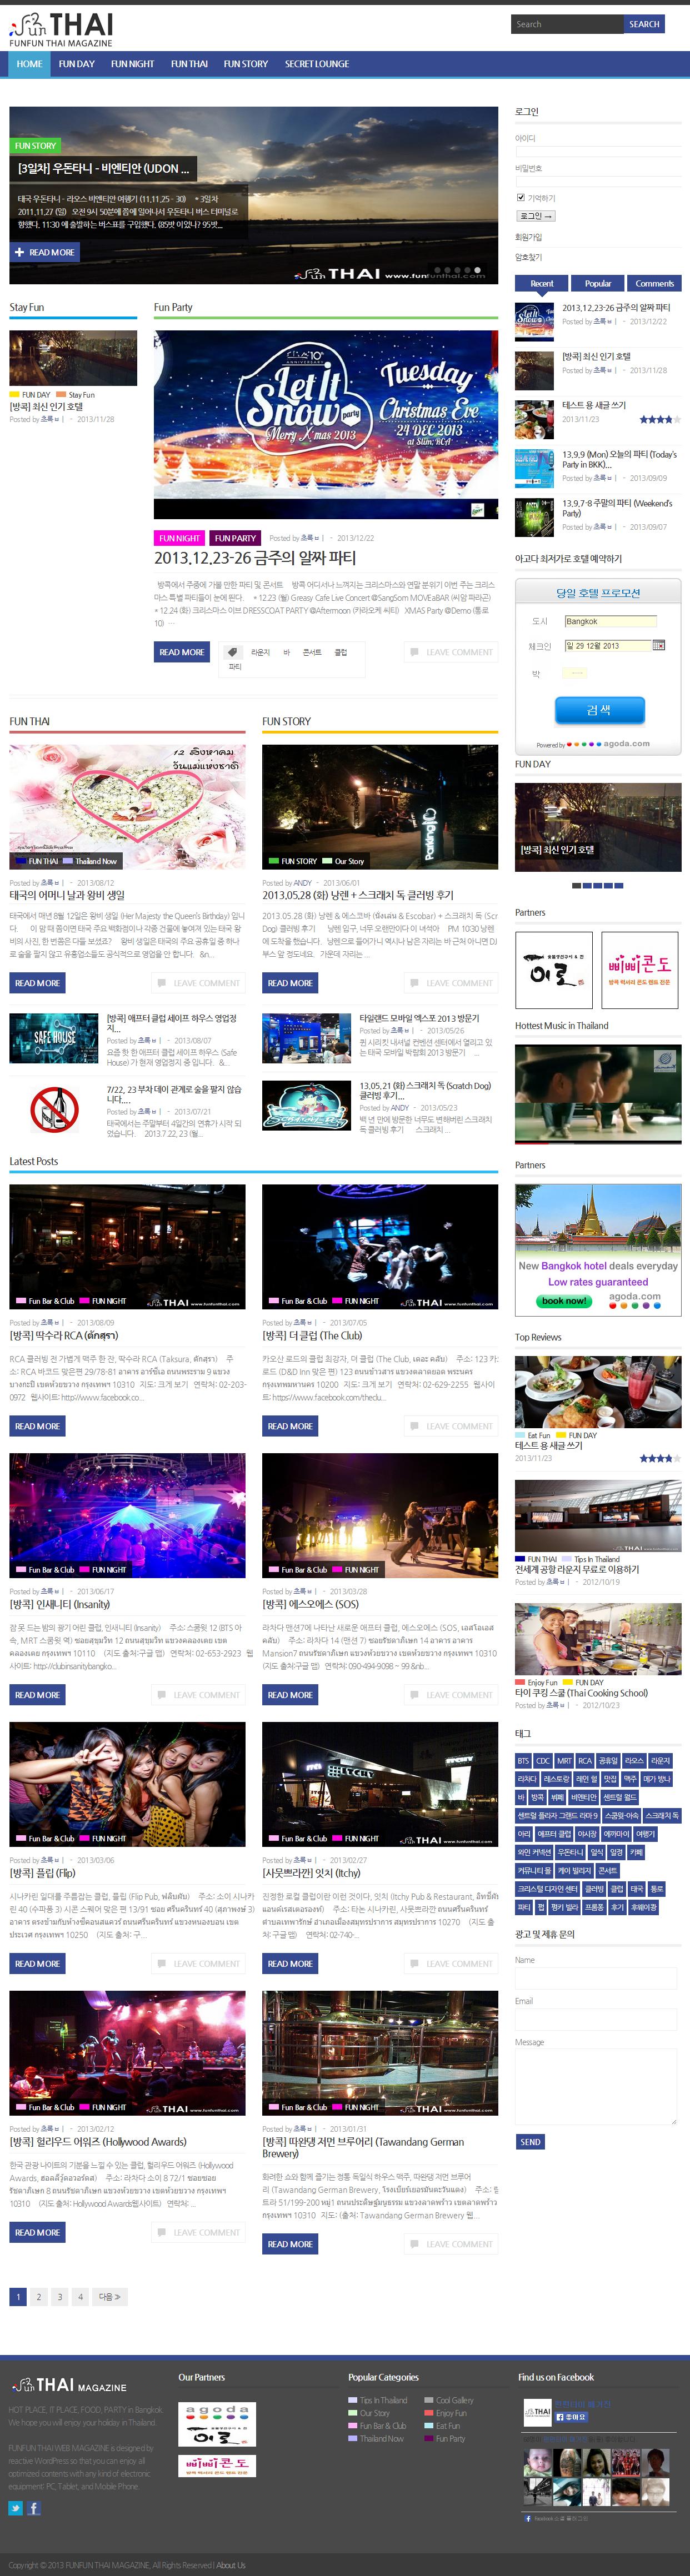 펀펀타이 매거진 태국 방콕 잇플레이스 핫플레이스 파티 전문 매거진 - funfun_picell_biz